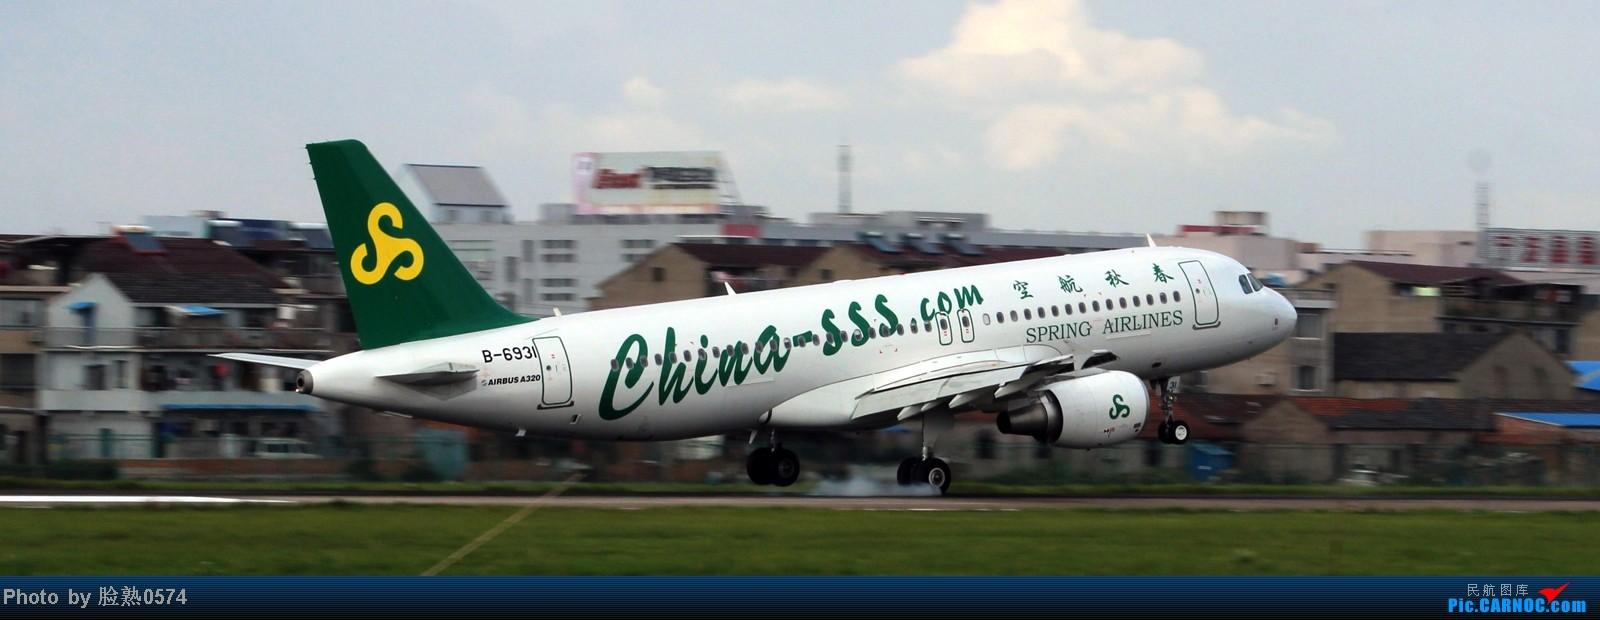 Re:[原创]天气不好没的拍,翻出两张老图擦烟滴 AIRBUS A320-200 B-6931 中国宁波栎社机场